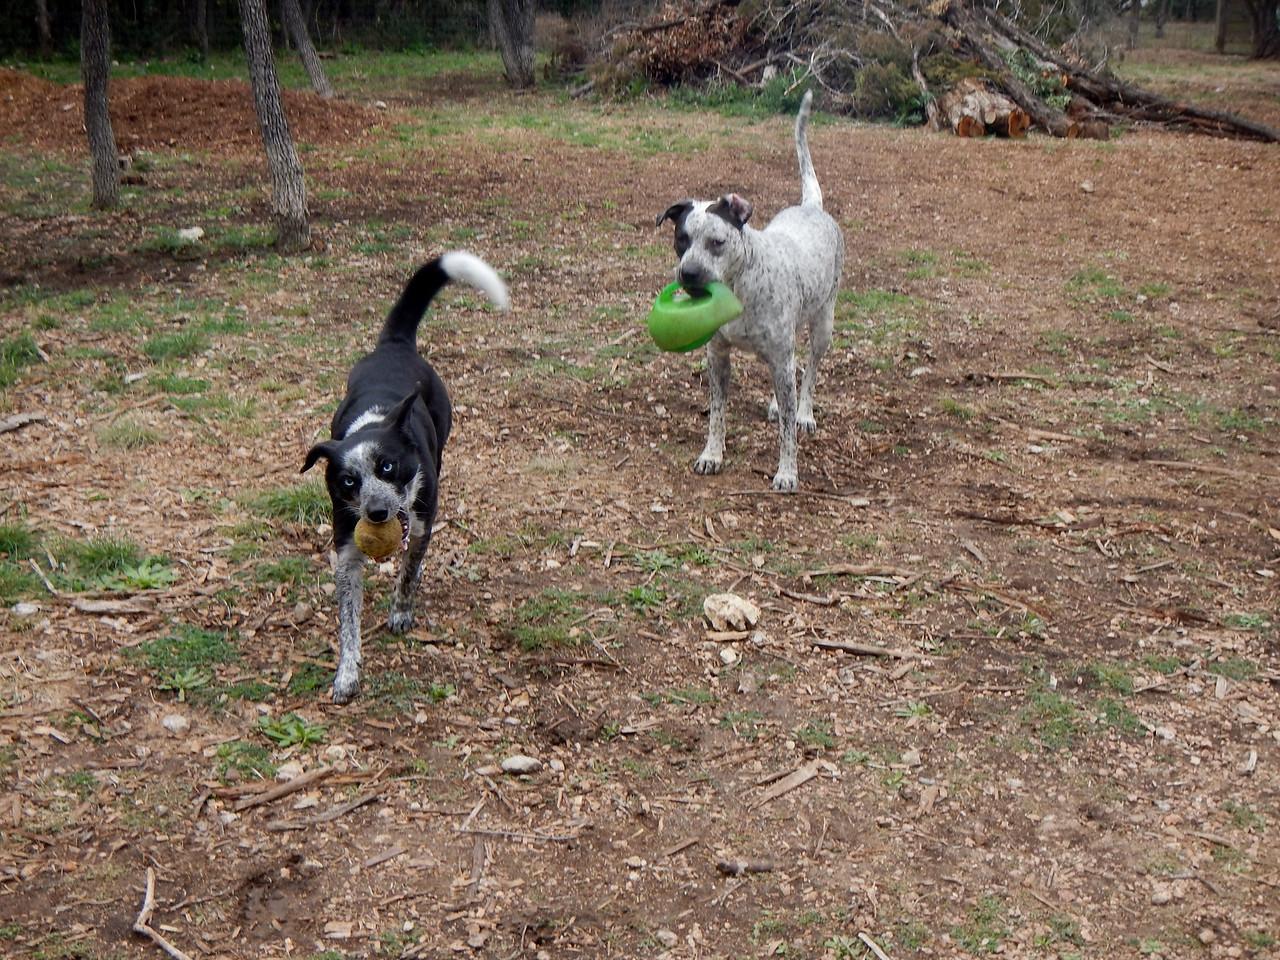 Kiko and Budra playing ball